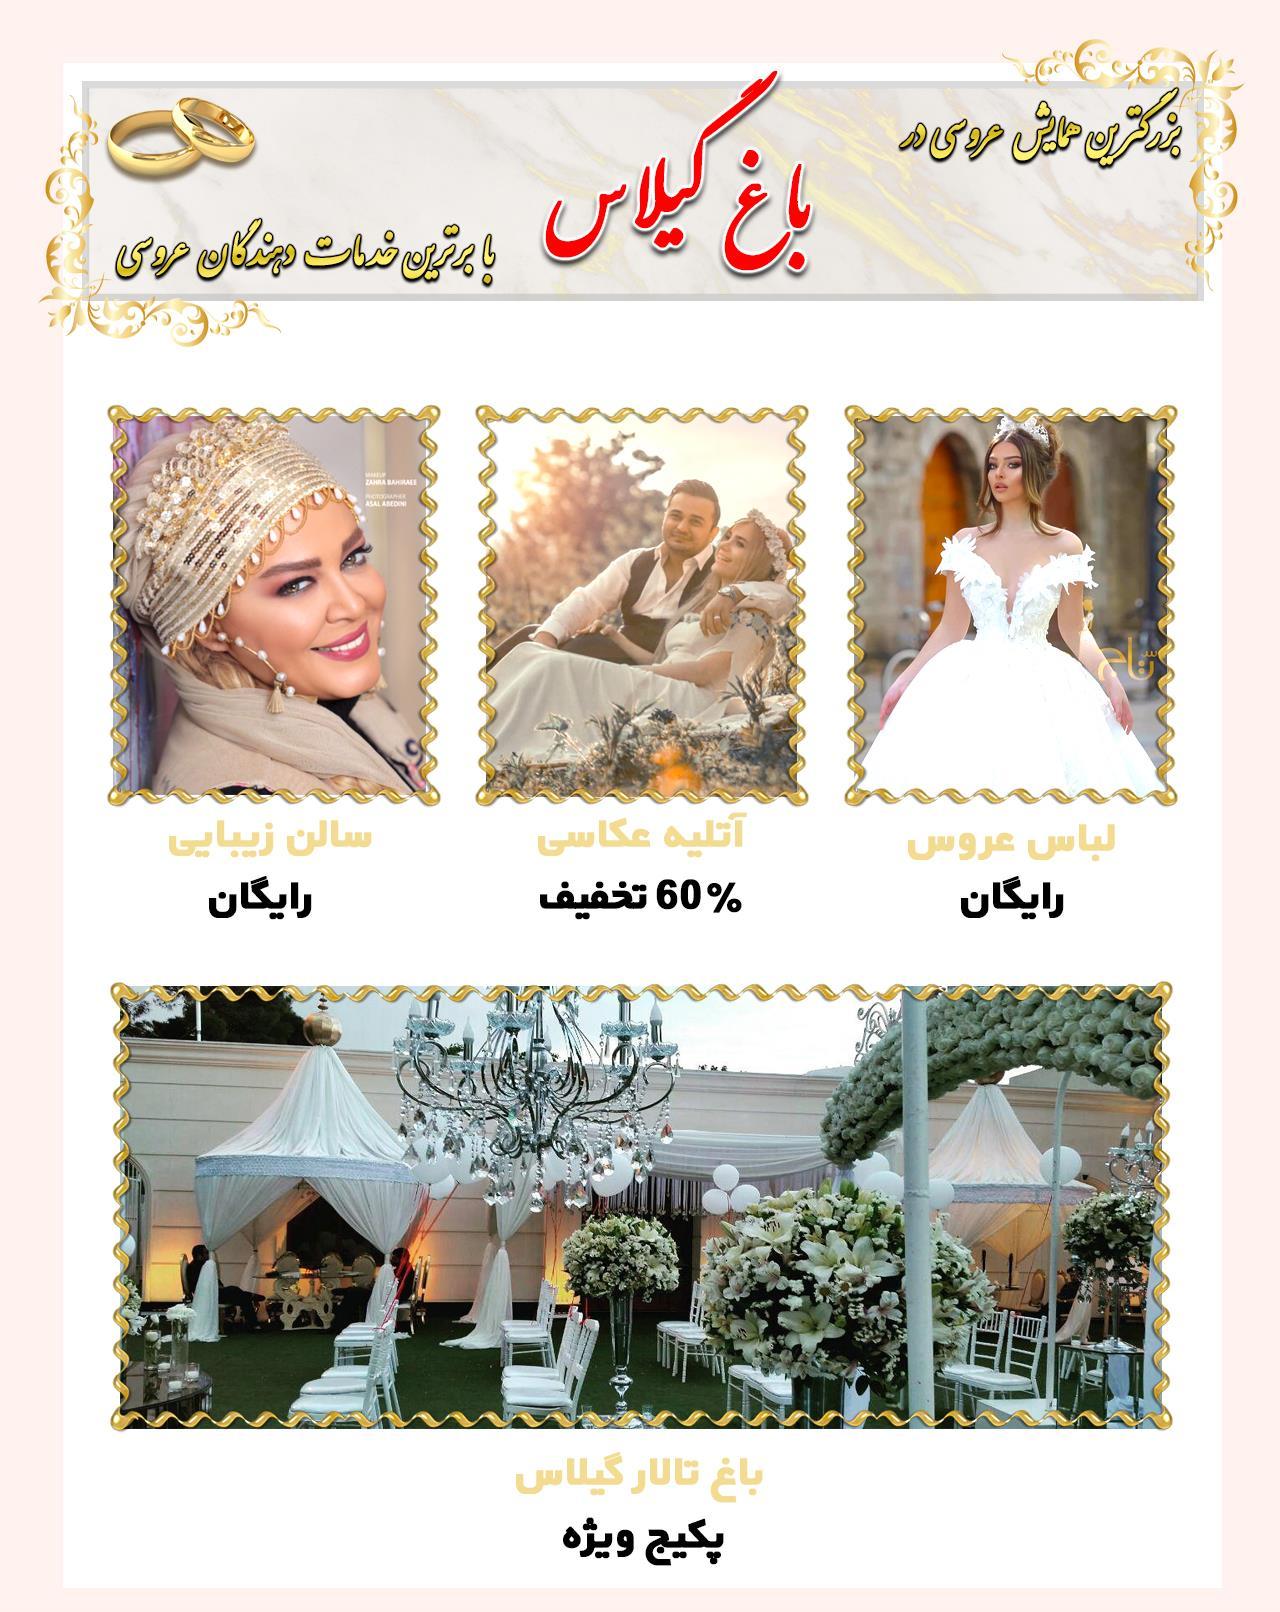 همایش عروسی در باغ گیلاس